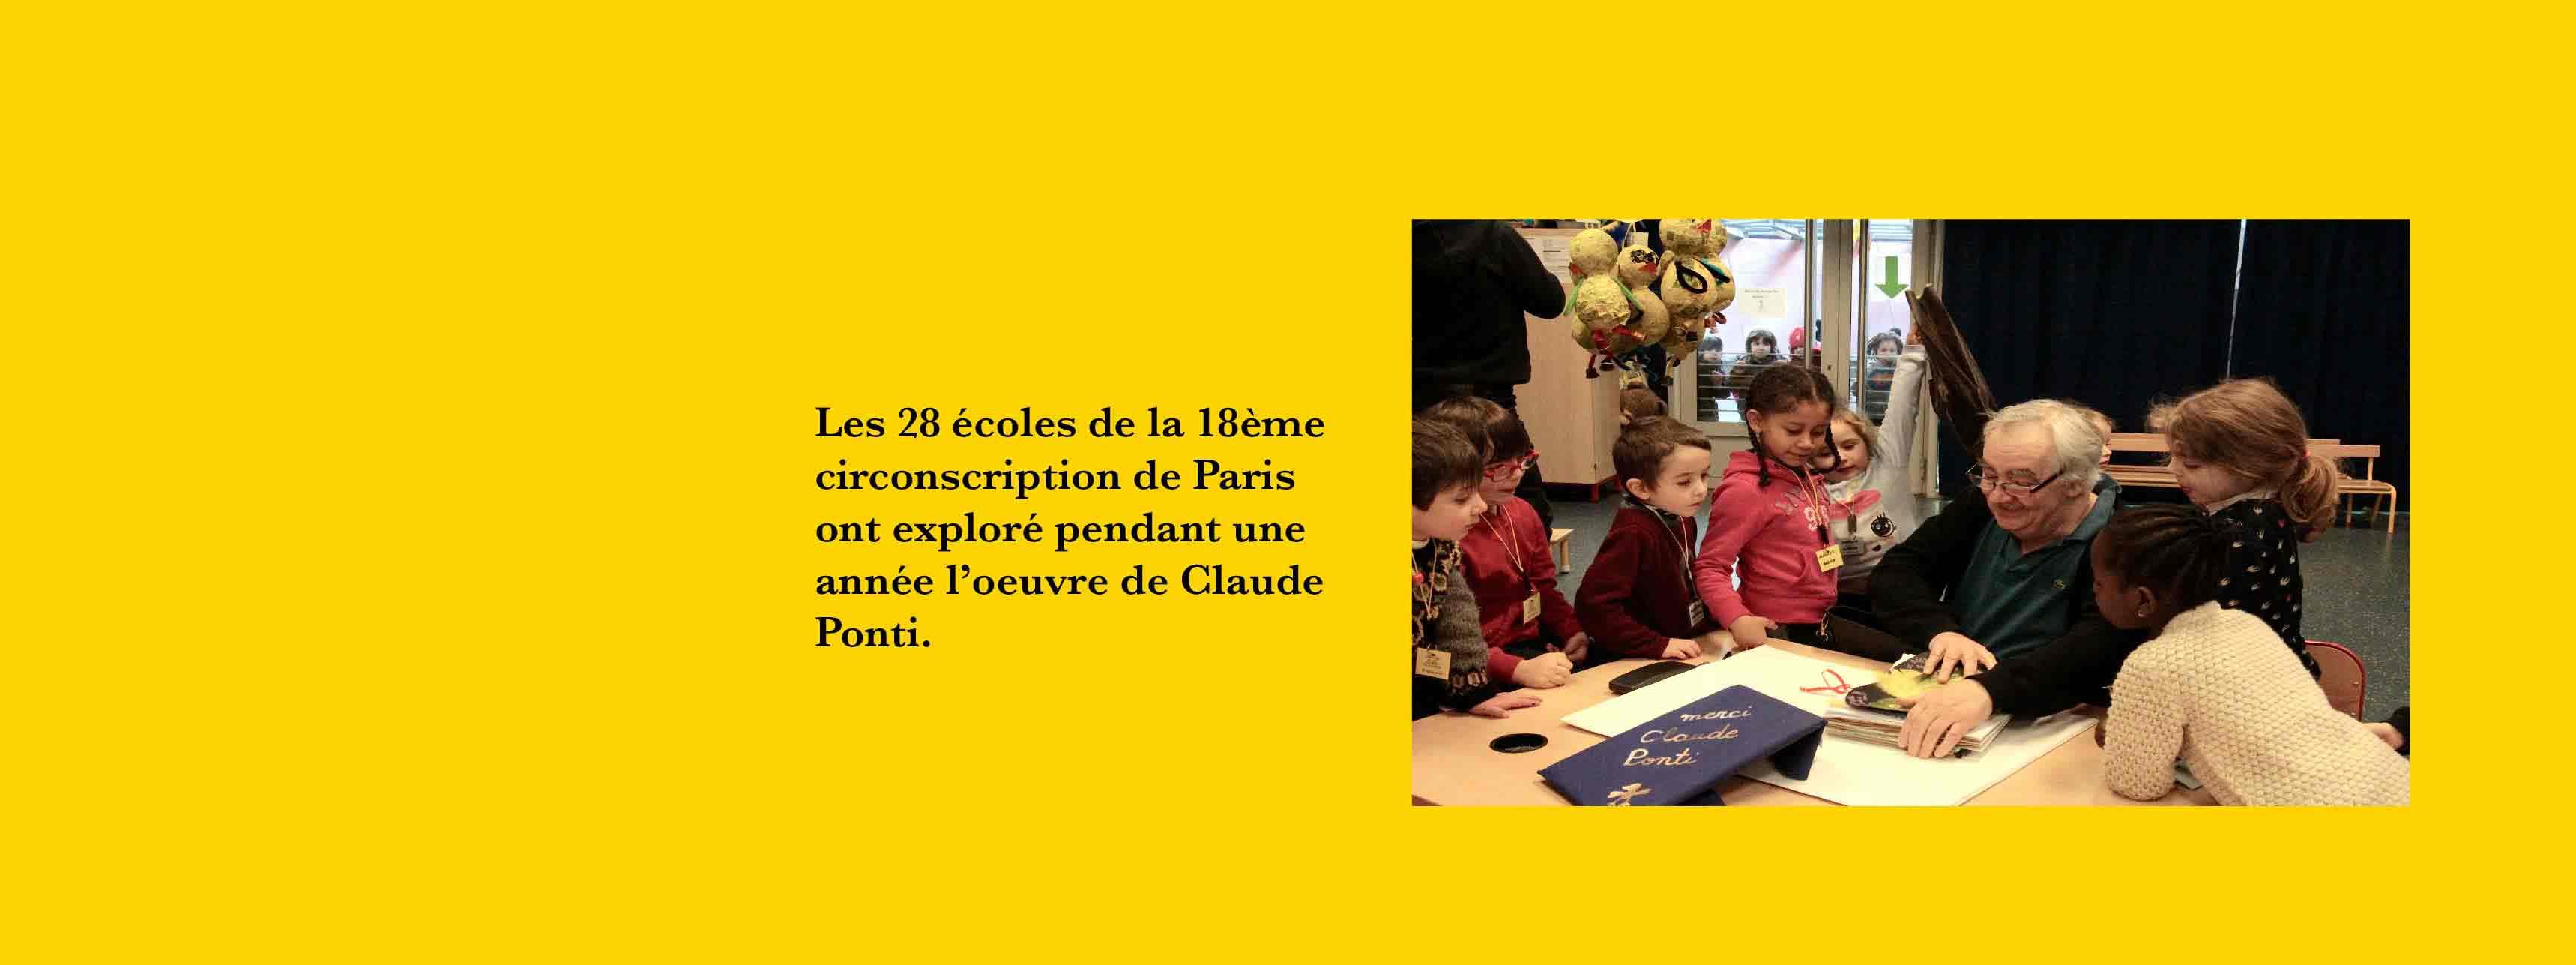 accueil-®coles-18D-1-2